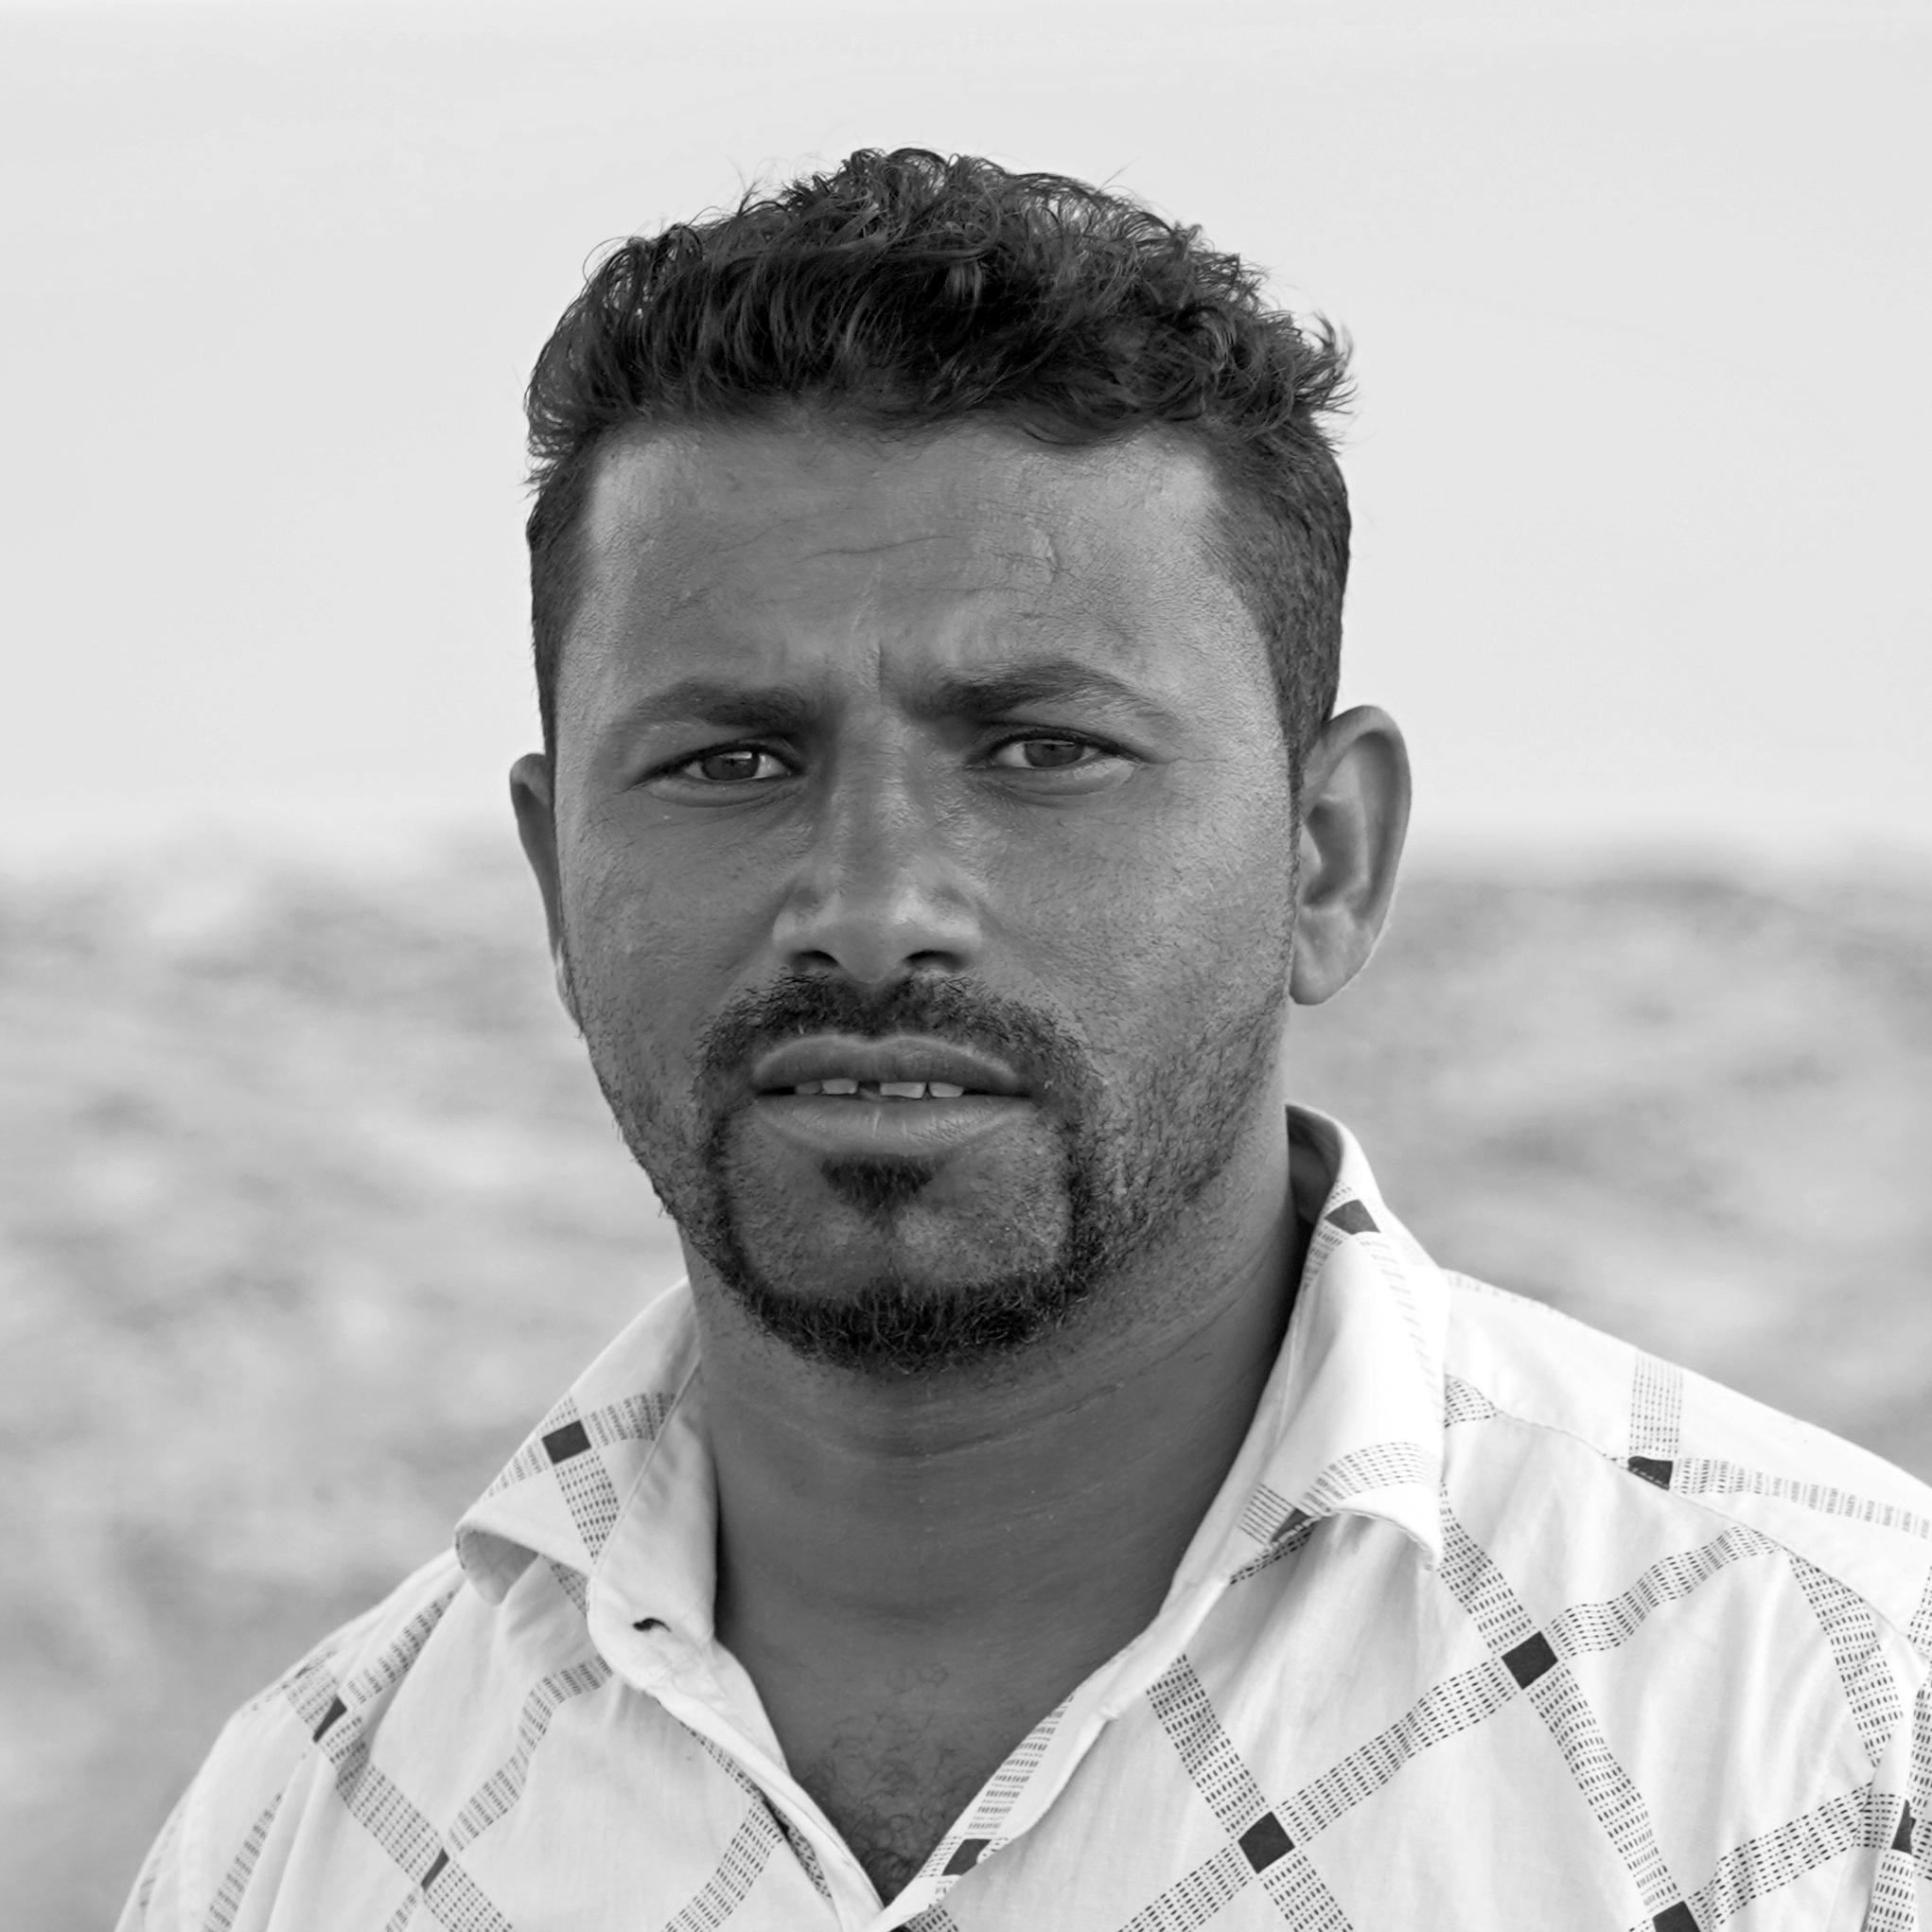 Salah Mohammed